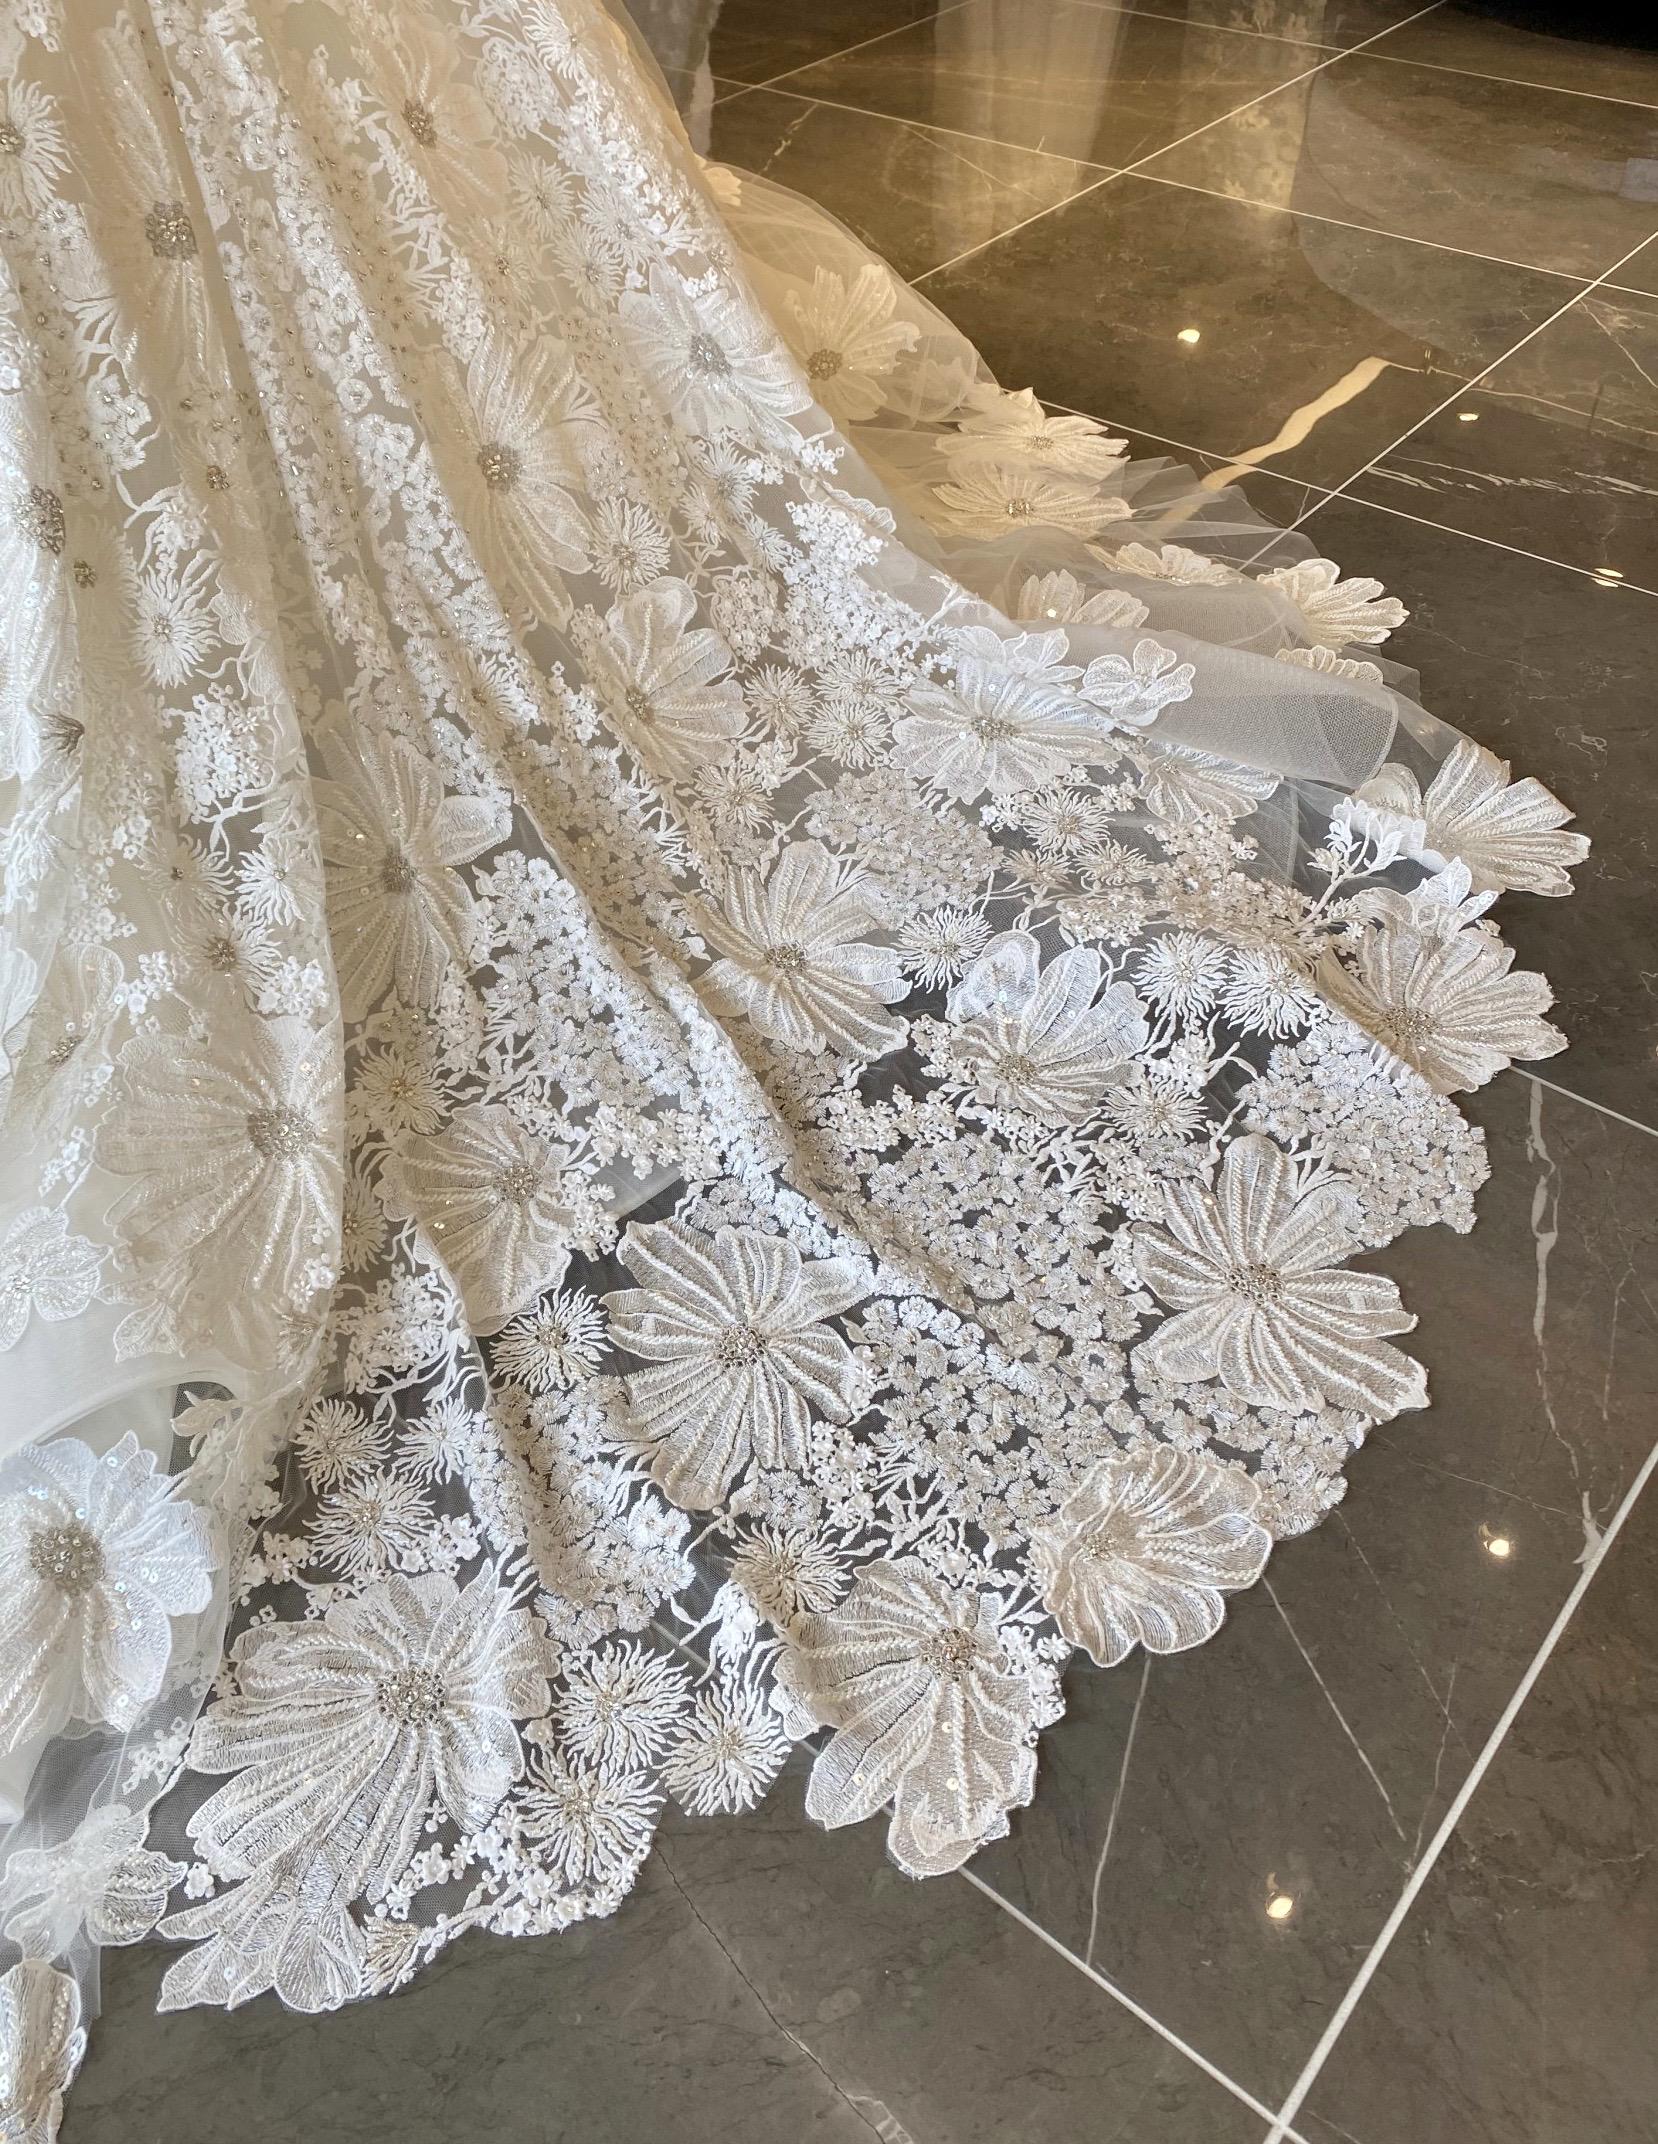 宝石のように美しいISABELLE ARMSTRONG(イザベルアームストロング)のウェディングドレス